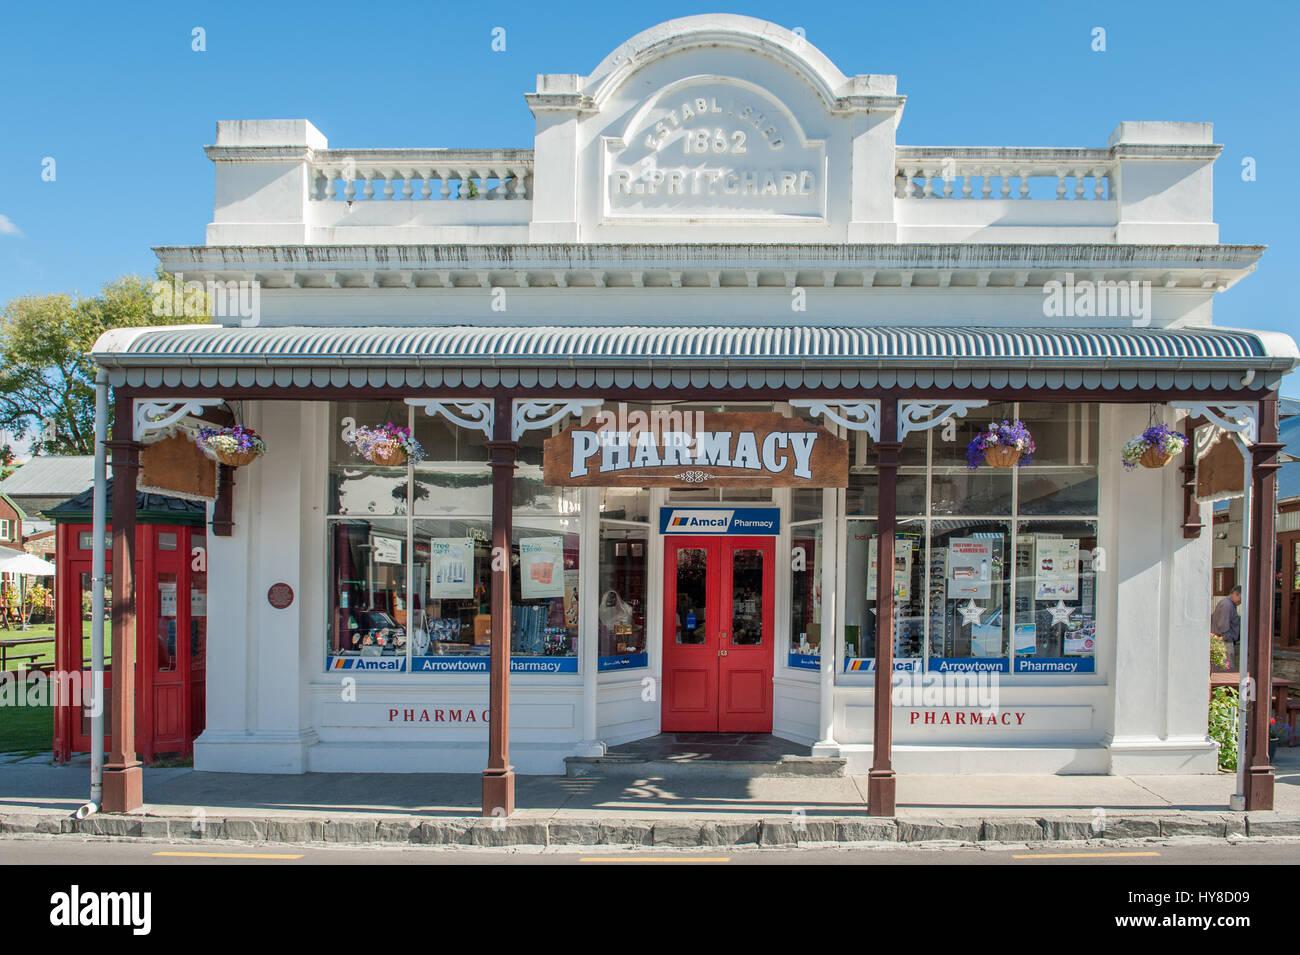 Arrowtown es una histórica ciudad minera de oro cerca de Queenstown en Central Otago, Nueva Zelanda. Foto de stock